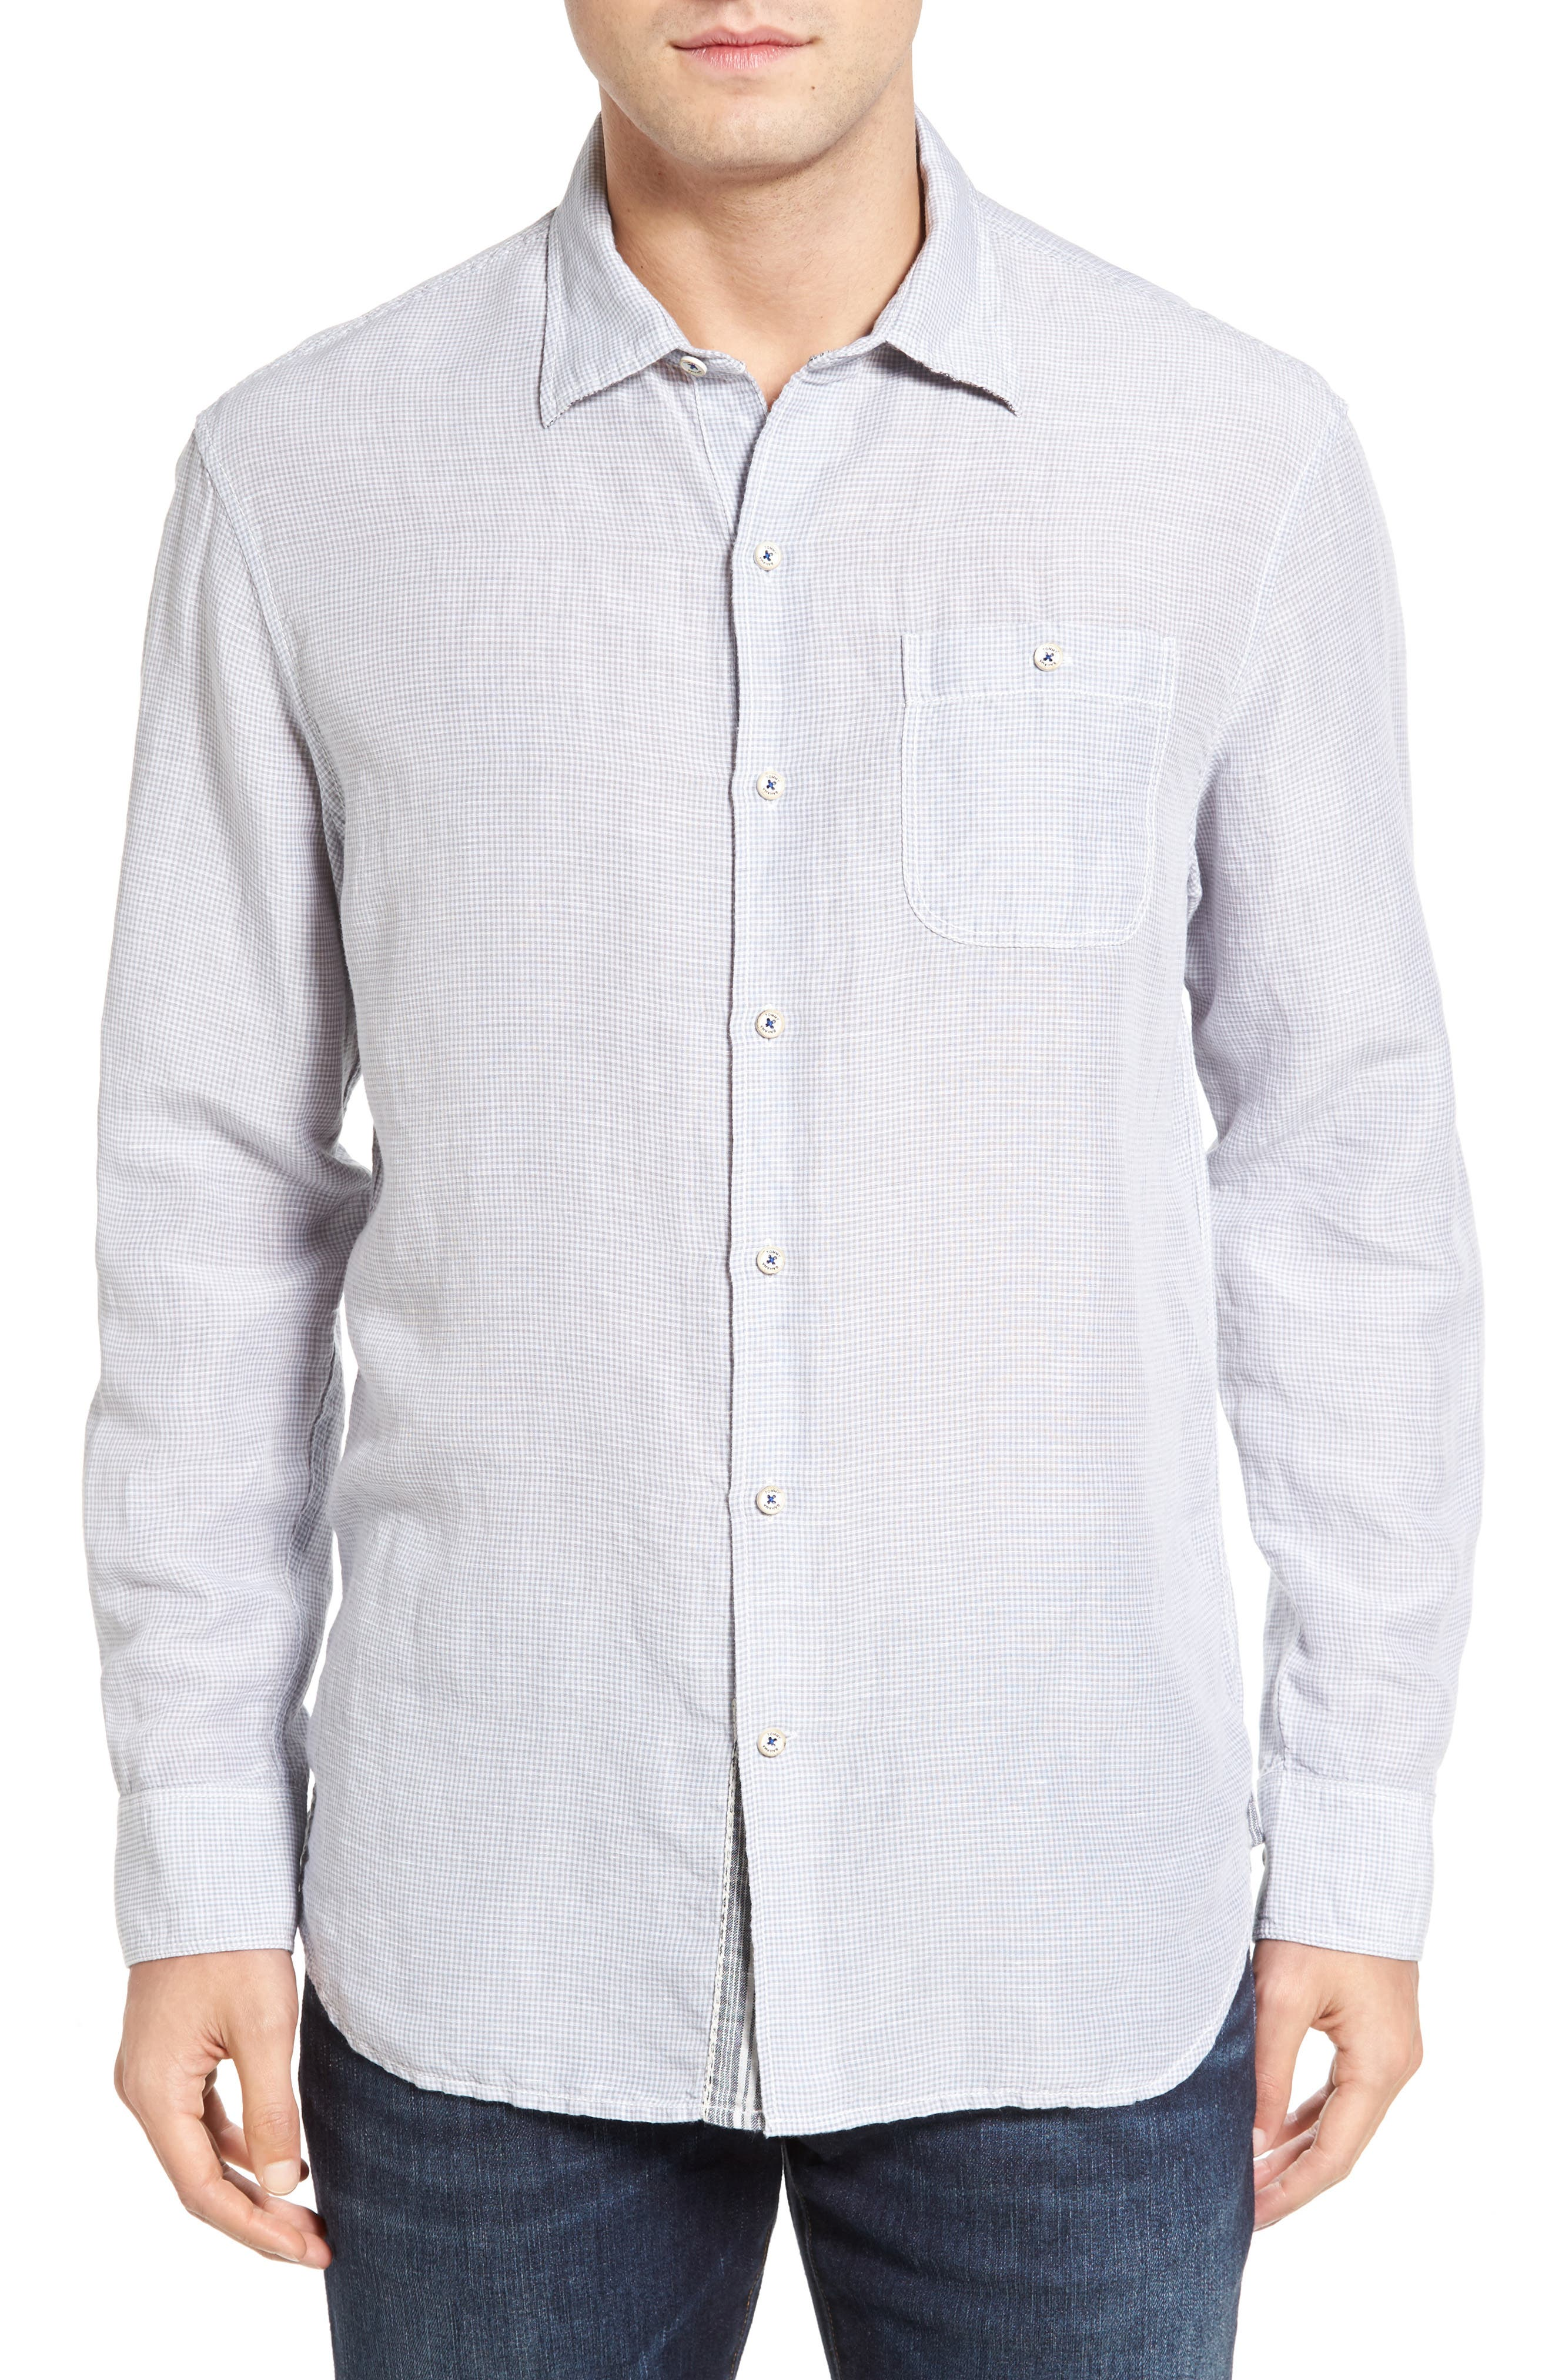 Sand Linen Island Modern Fit Sport Shirt,                         Main,                         color, 050